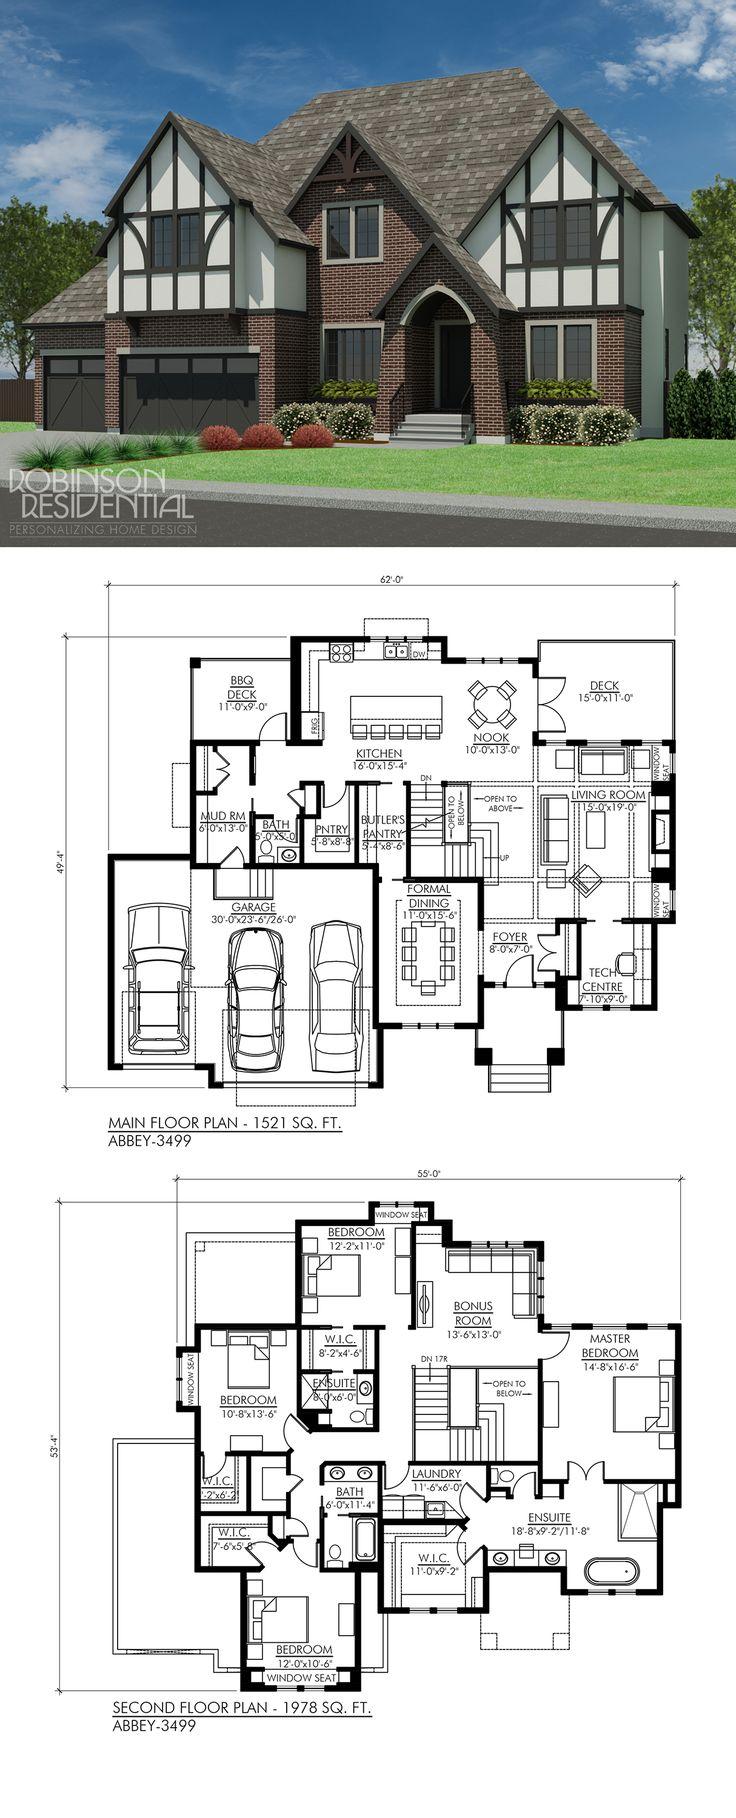 3499 sq. ft, 4 bedrooms, 4 bath.